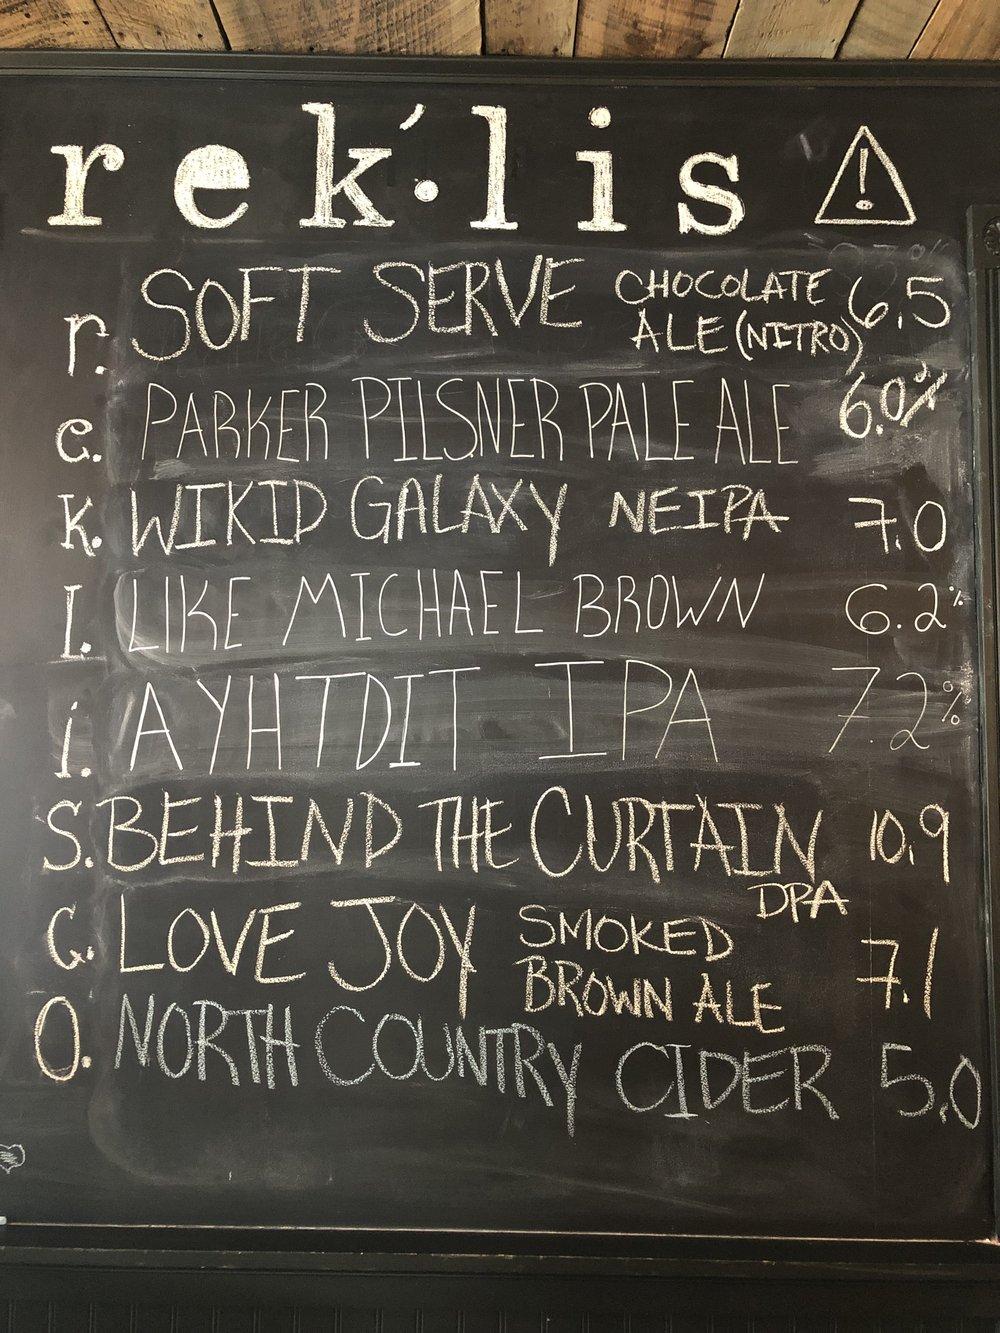 Beer List_1.27.19.jpg